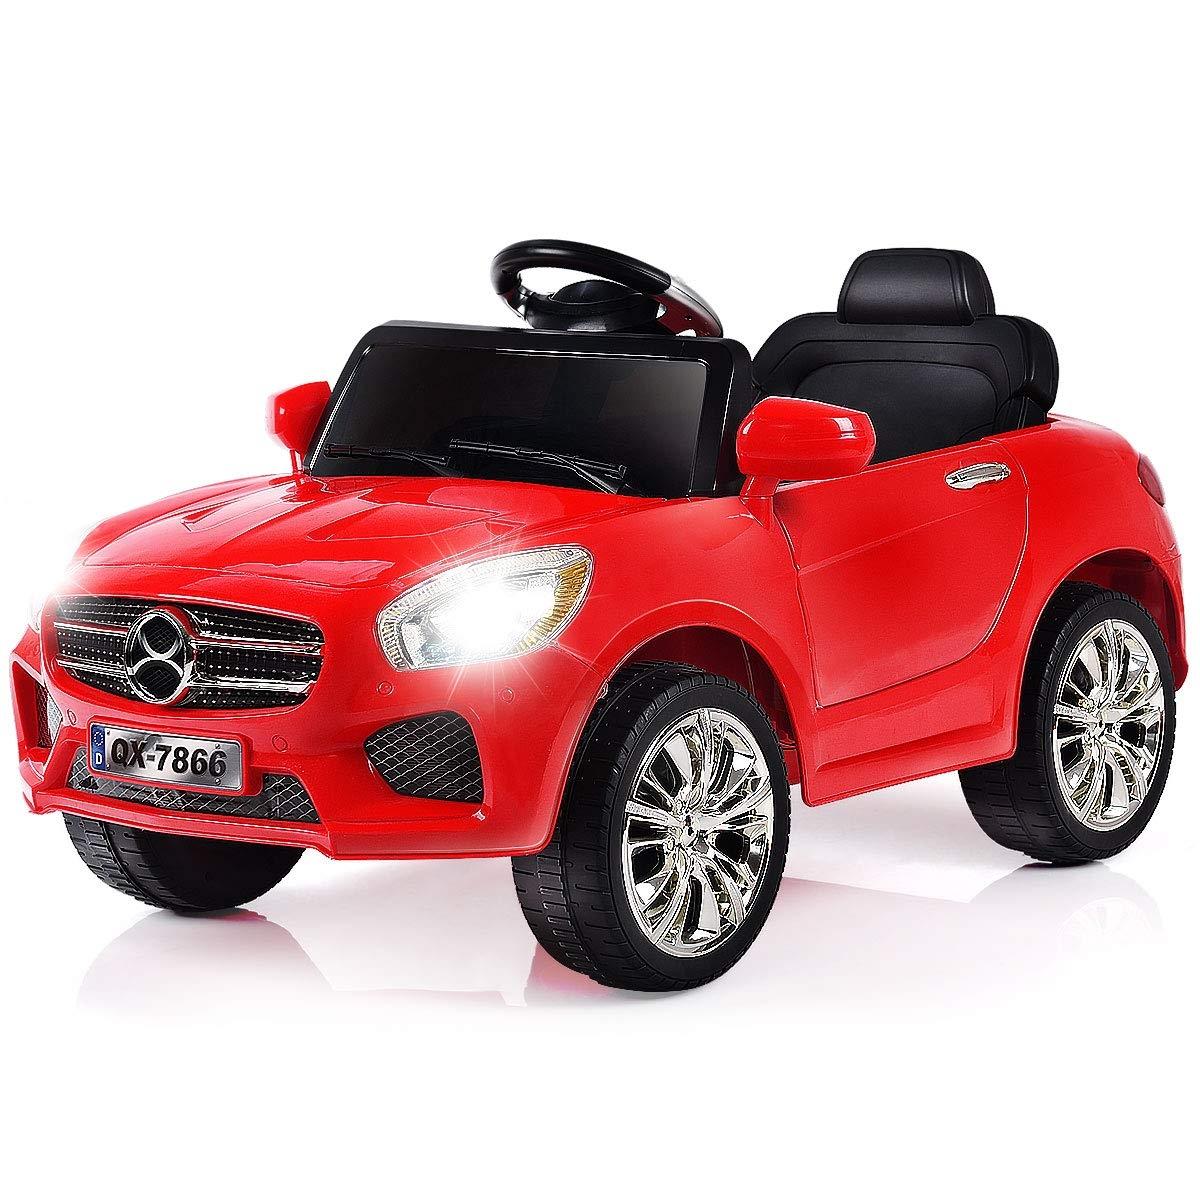 6 V Kids Ride on Car w/ RC + LED Lights + MP3